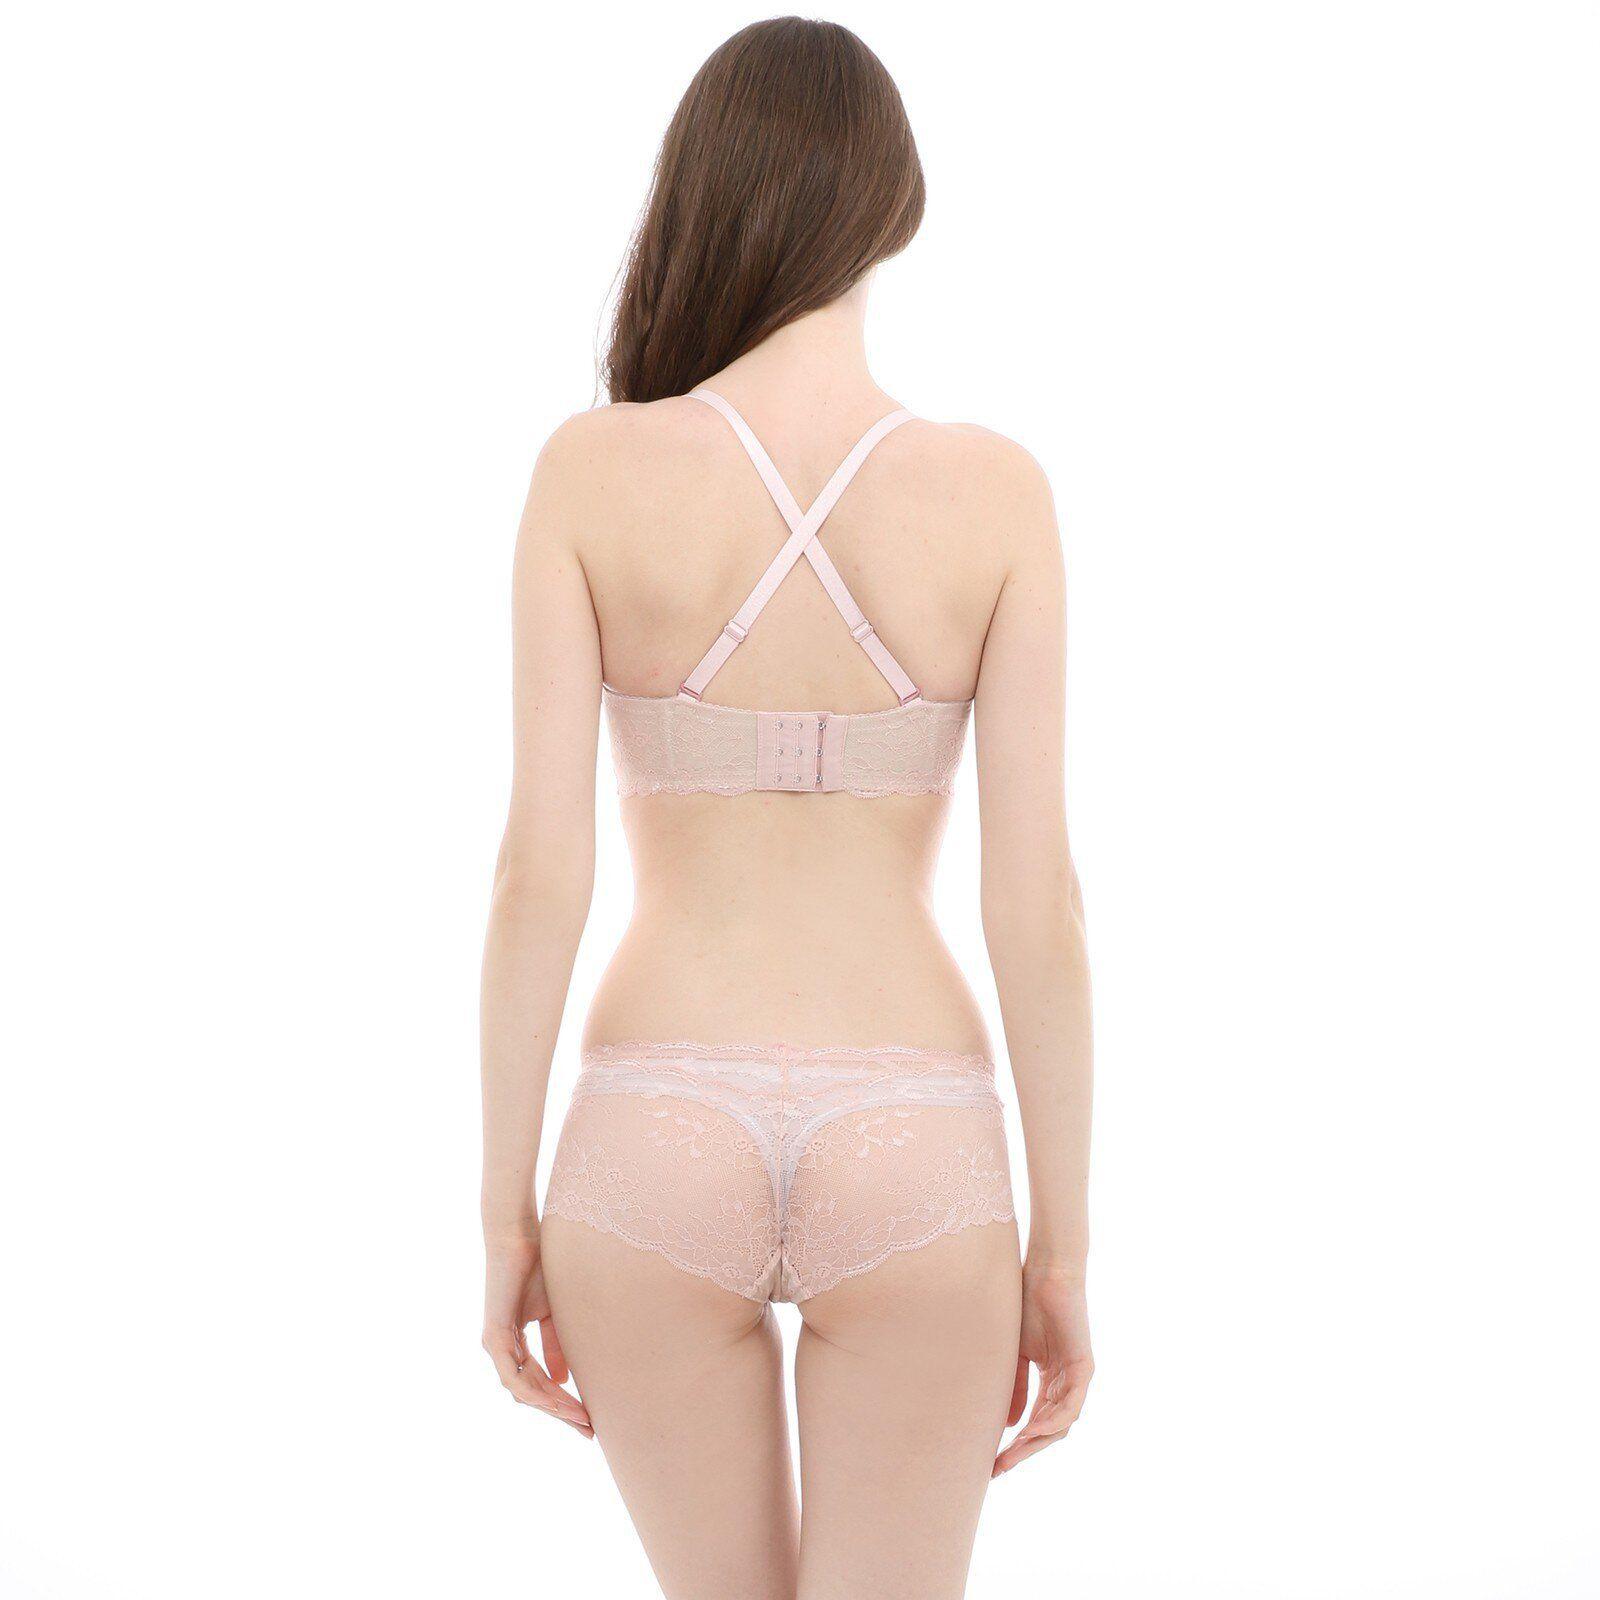 Áo ngực ren không đệm có gọng Xixili 2015